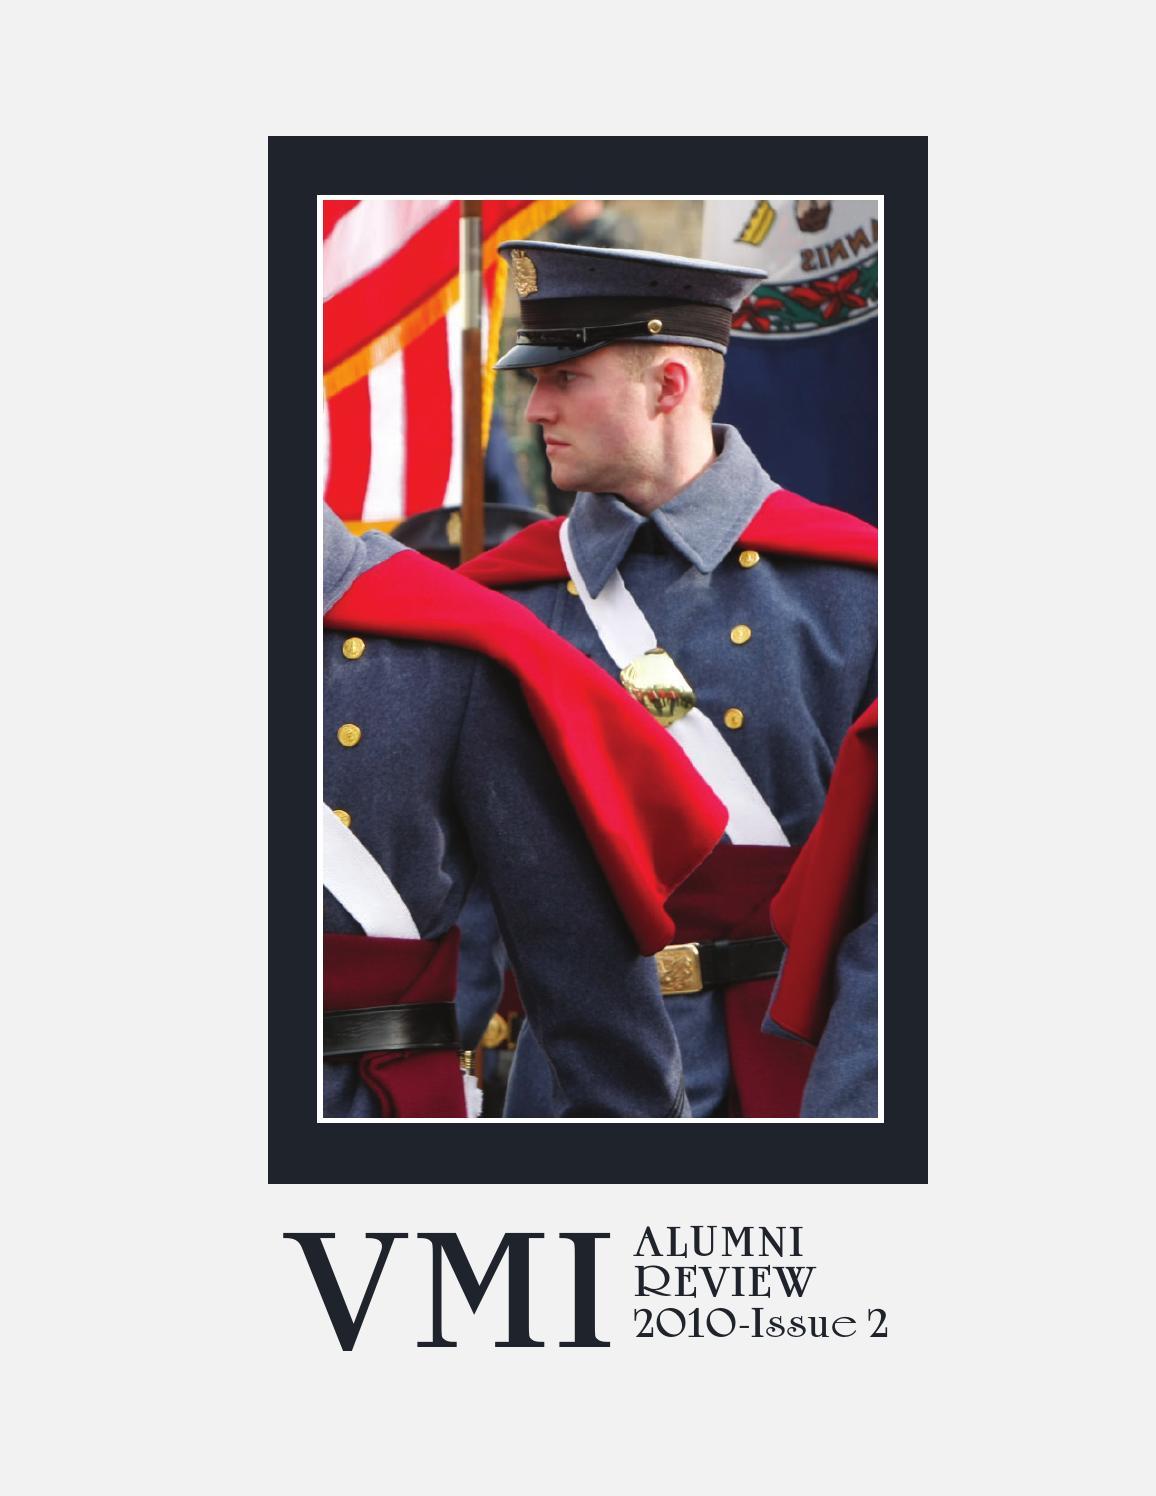 Alumni Review 2010 Issue 2 By Vmi Alumni Agencies Issuu